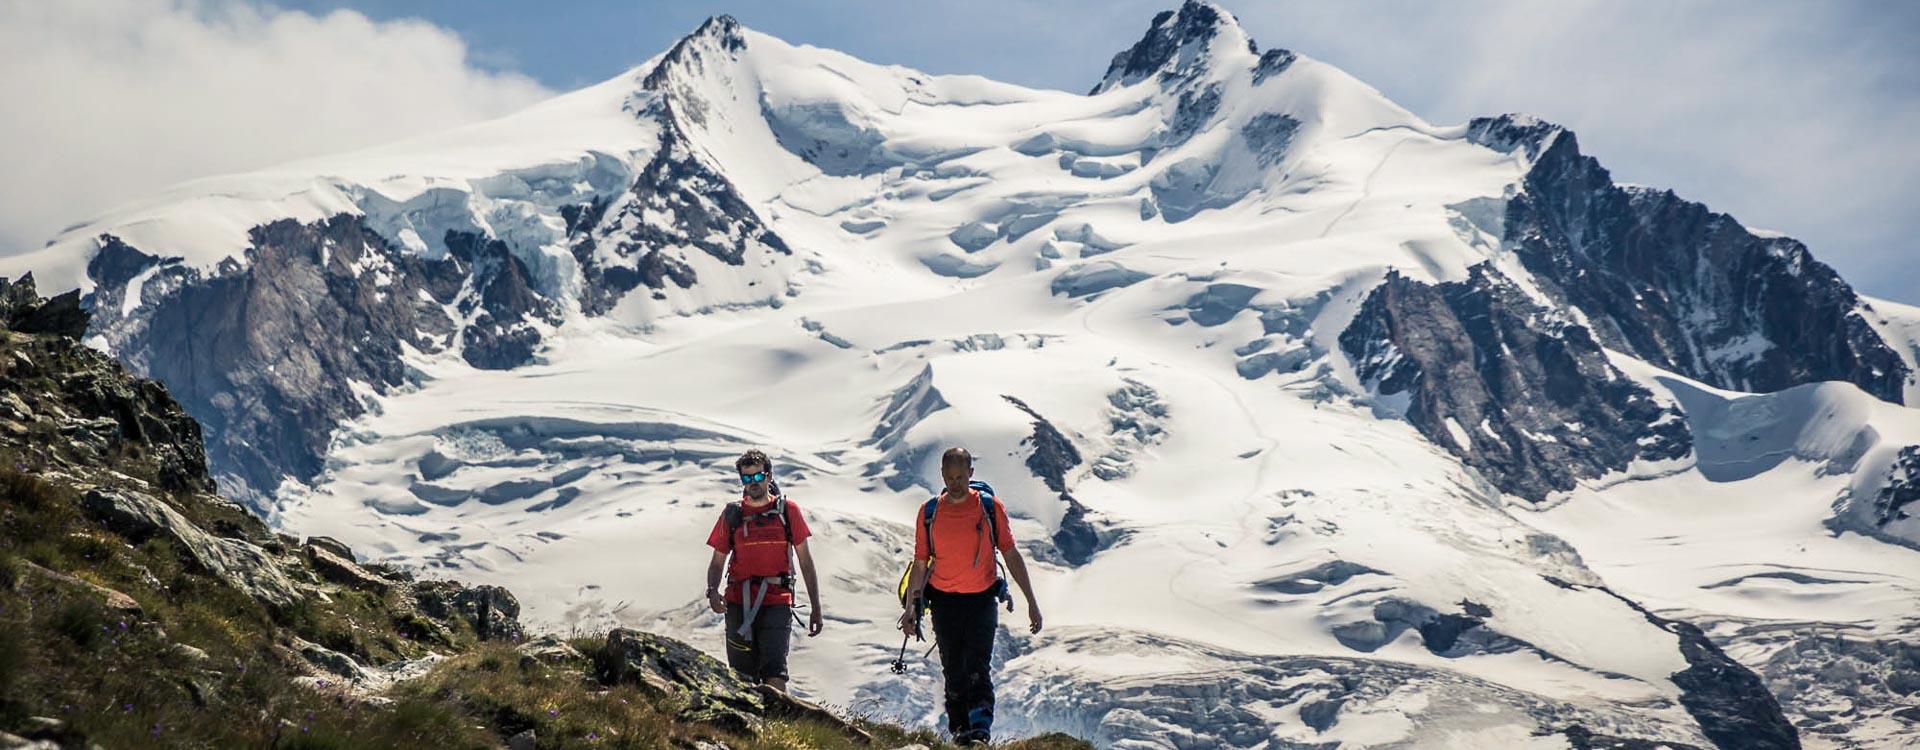 Wandern rund um die Berge in Zermatt mit Blick auf die Viertausender